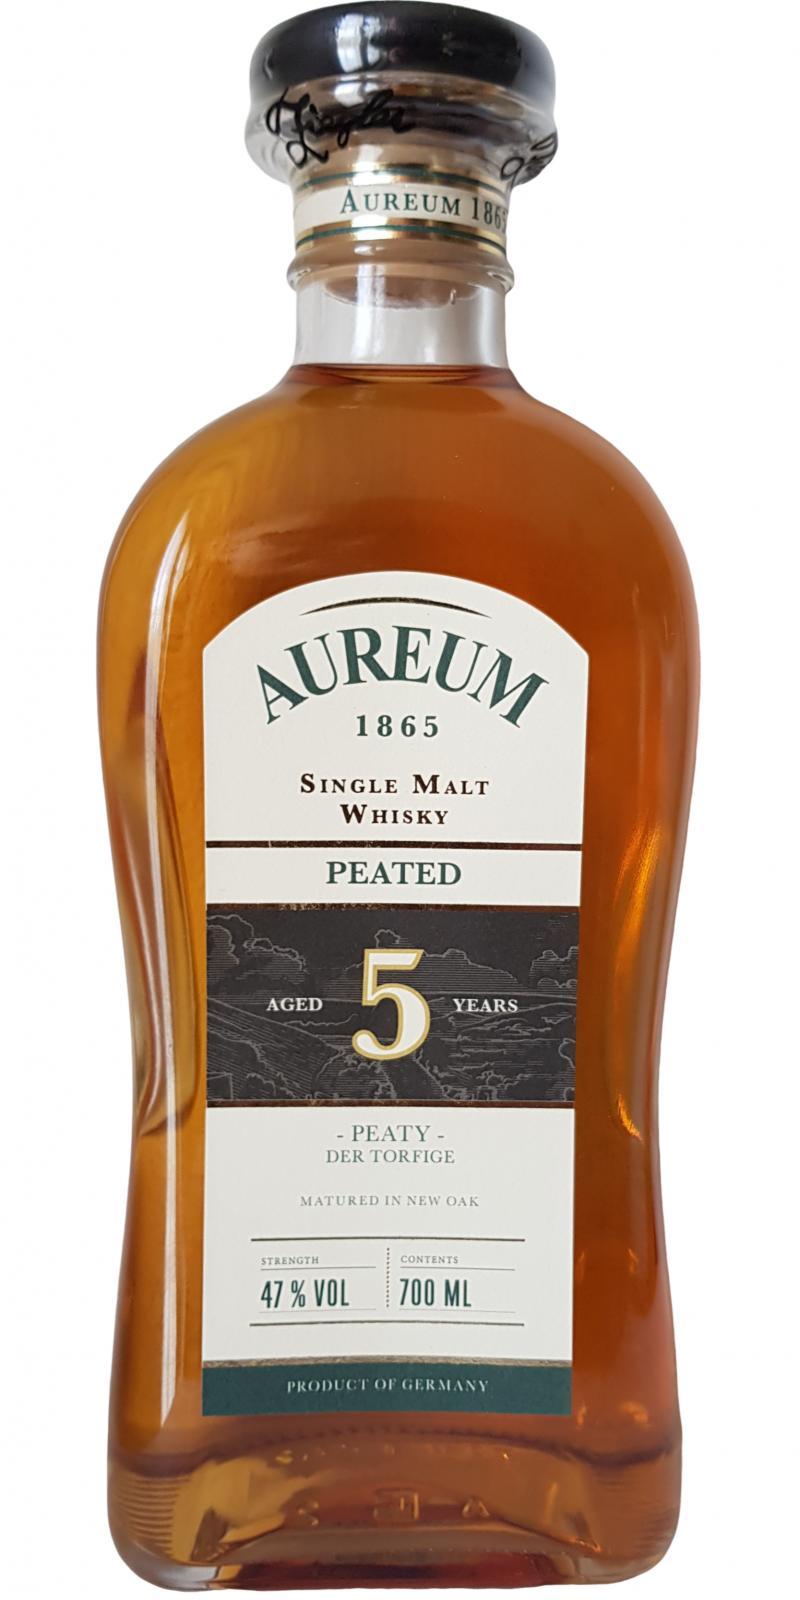 Aureum 1865 Peated